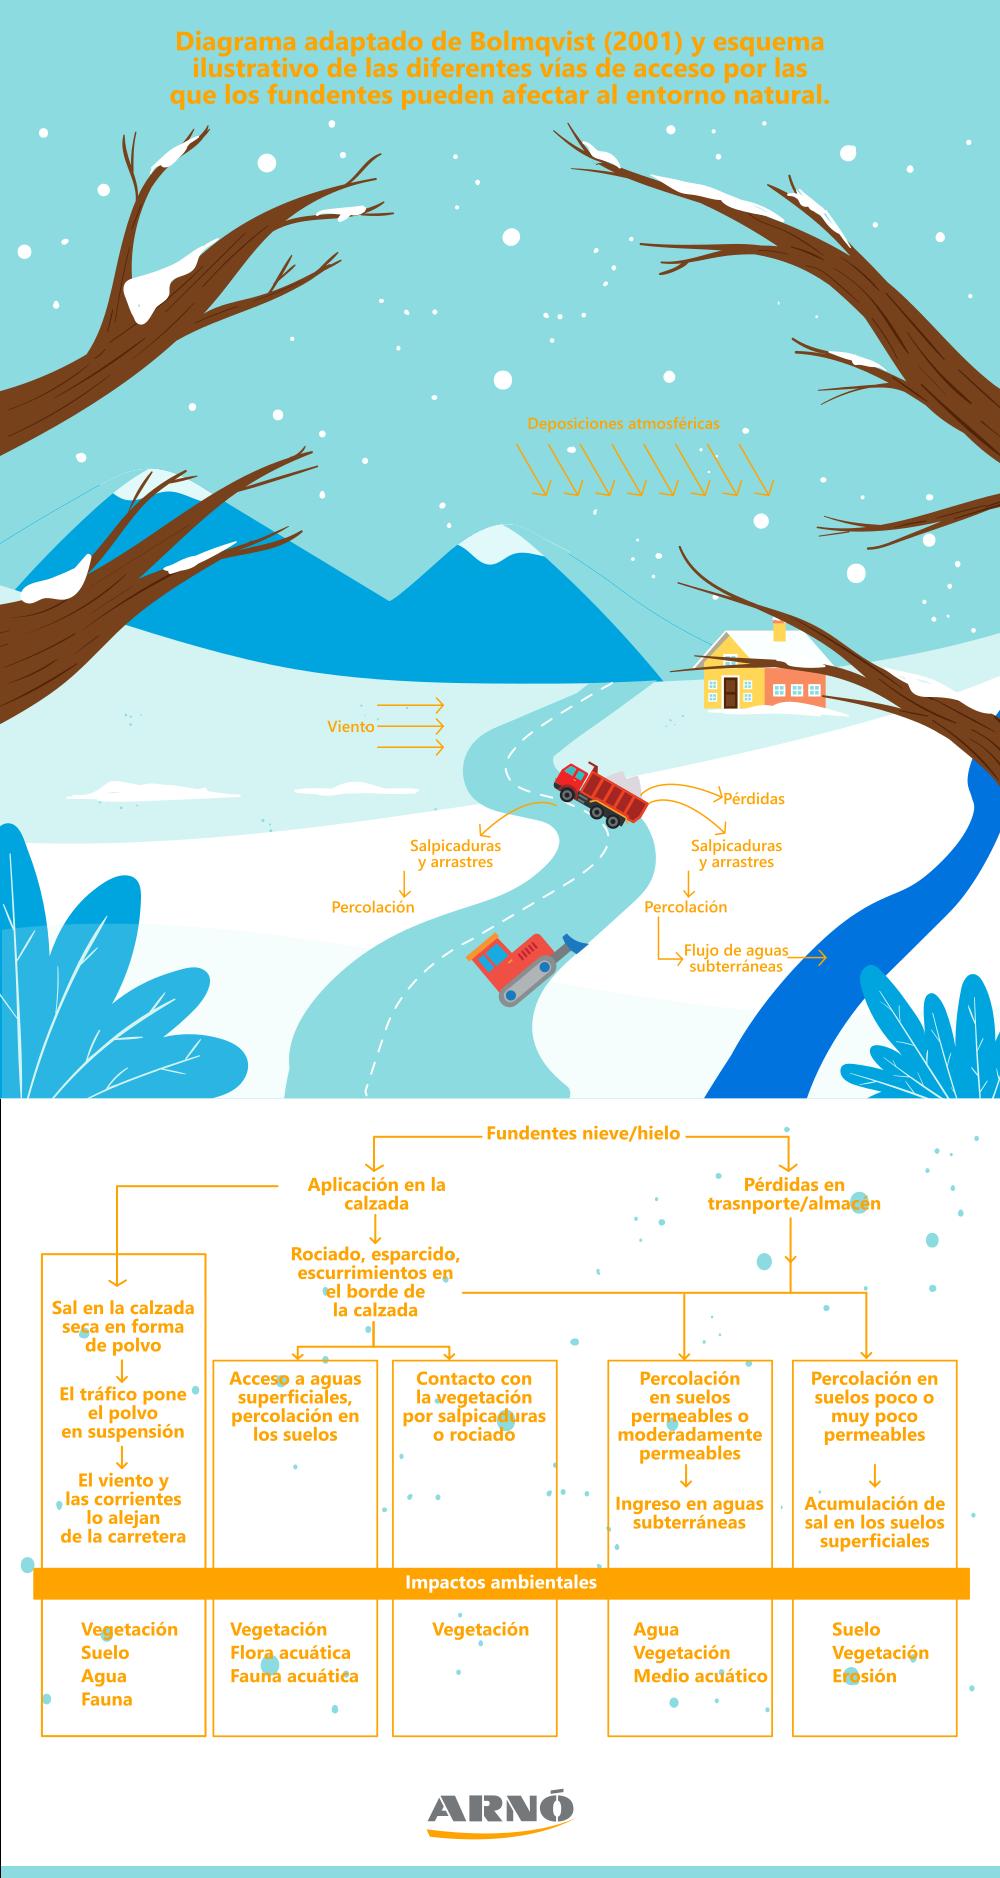 diagrama adaptado bolmqvist y esquema afectacion fundentes entorno natural